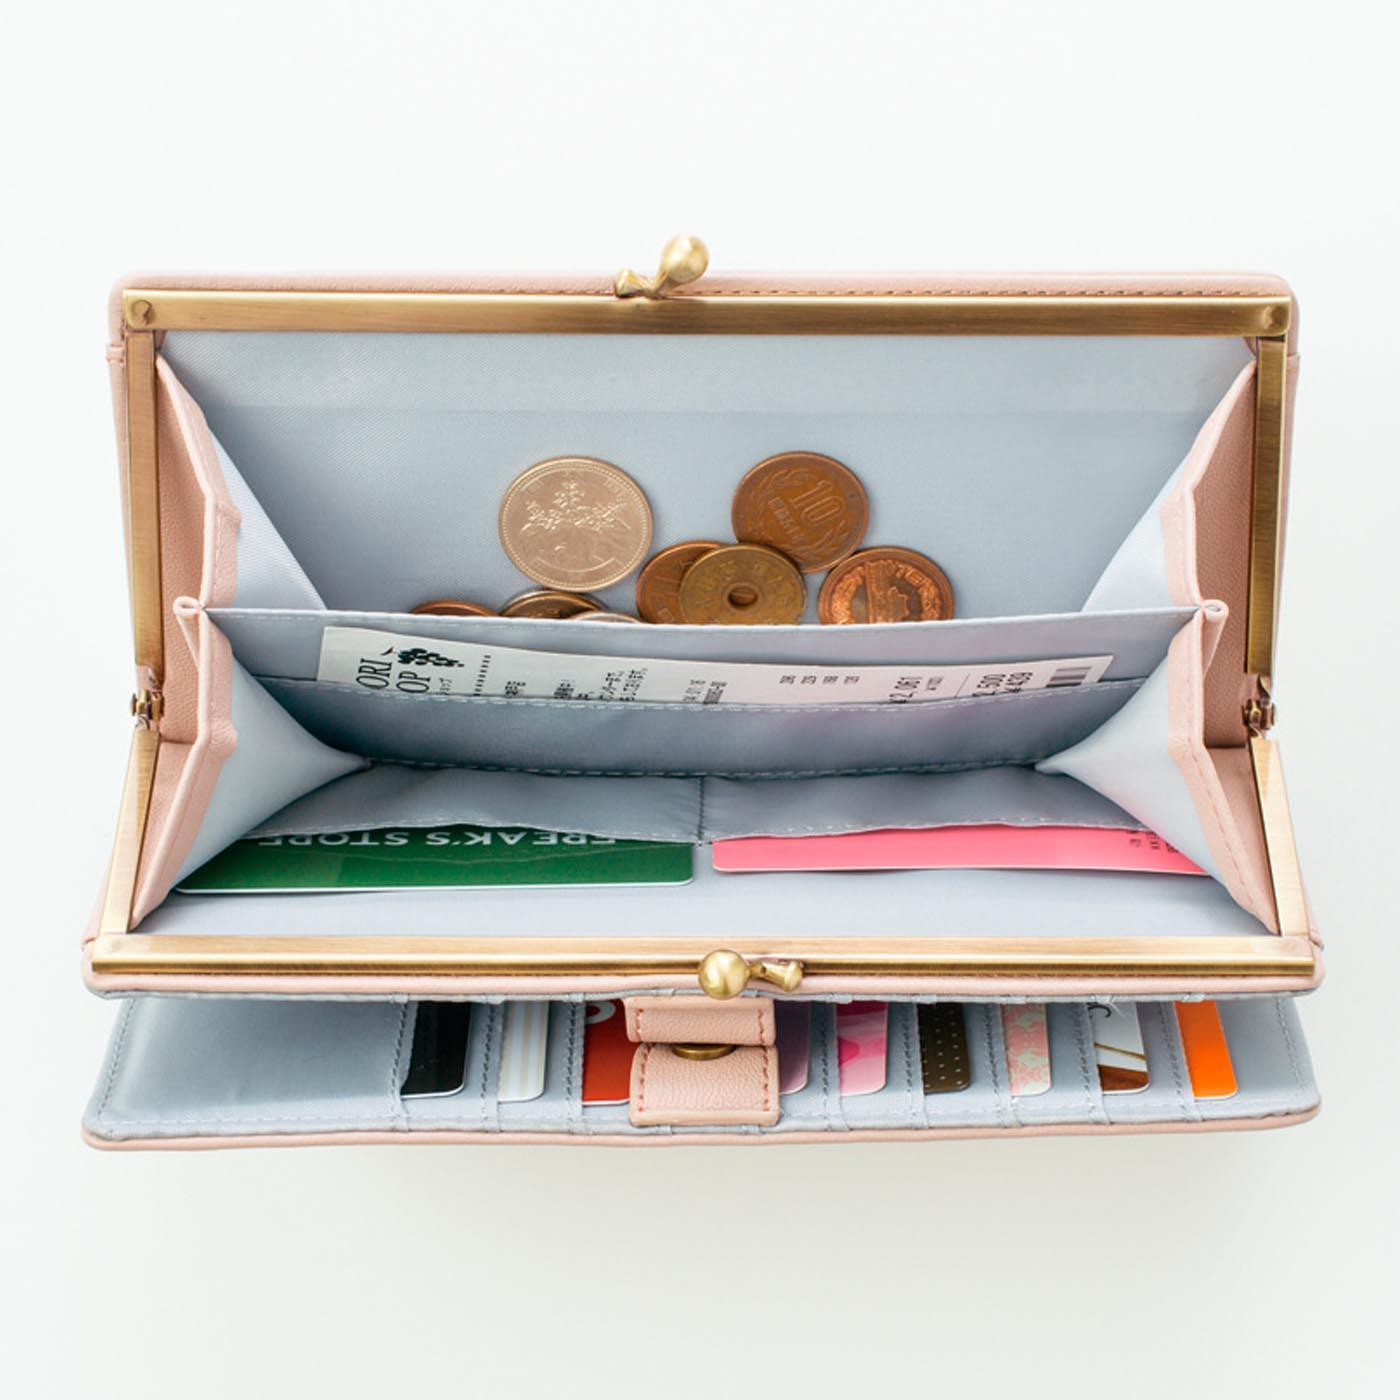 貴重なカードを入れるカードポケットは2つ。まん中のポケットにはレシートを入れても!